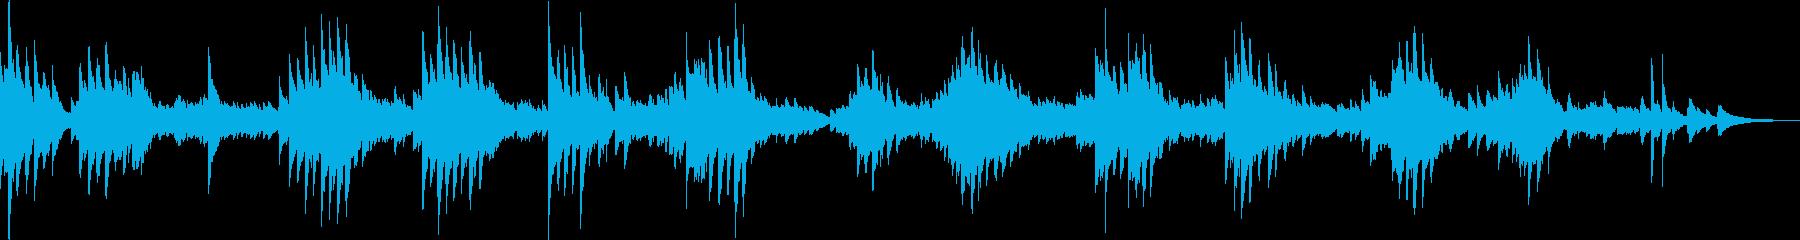 喪失(ピアノソロ・悲しい・絶望・劇伴)の再生済みの波形